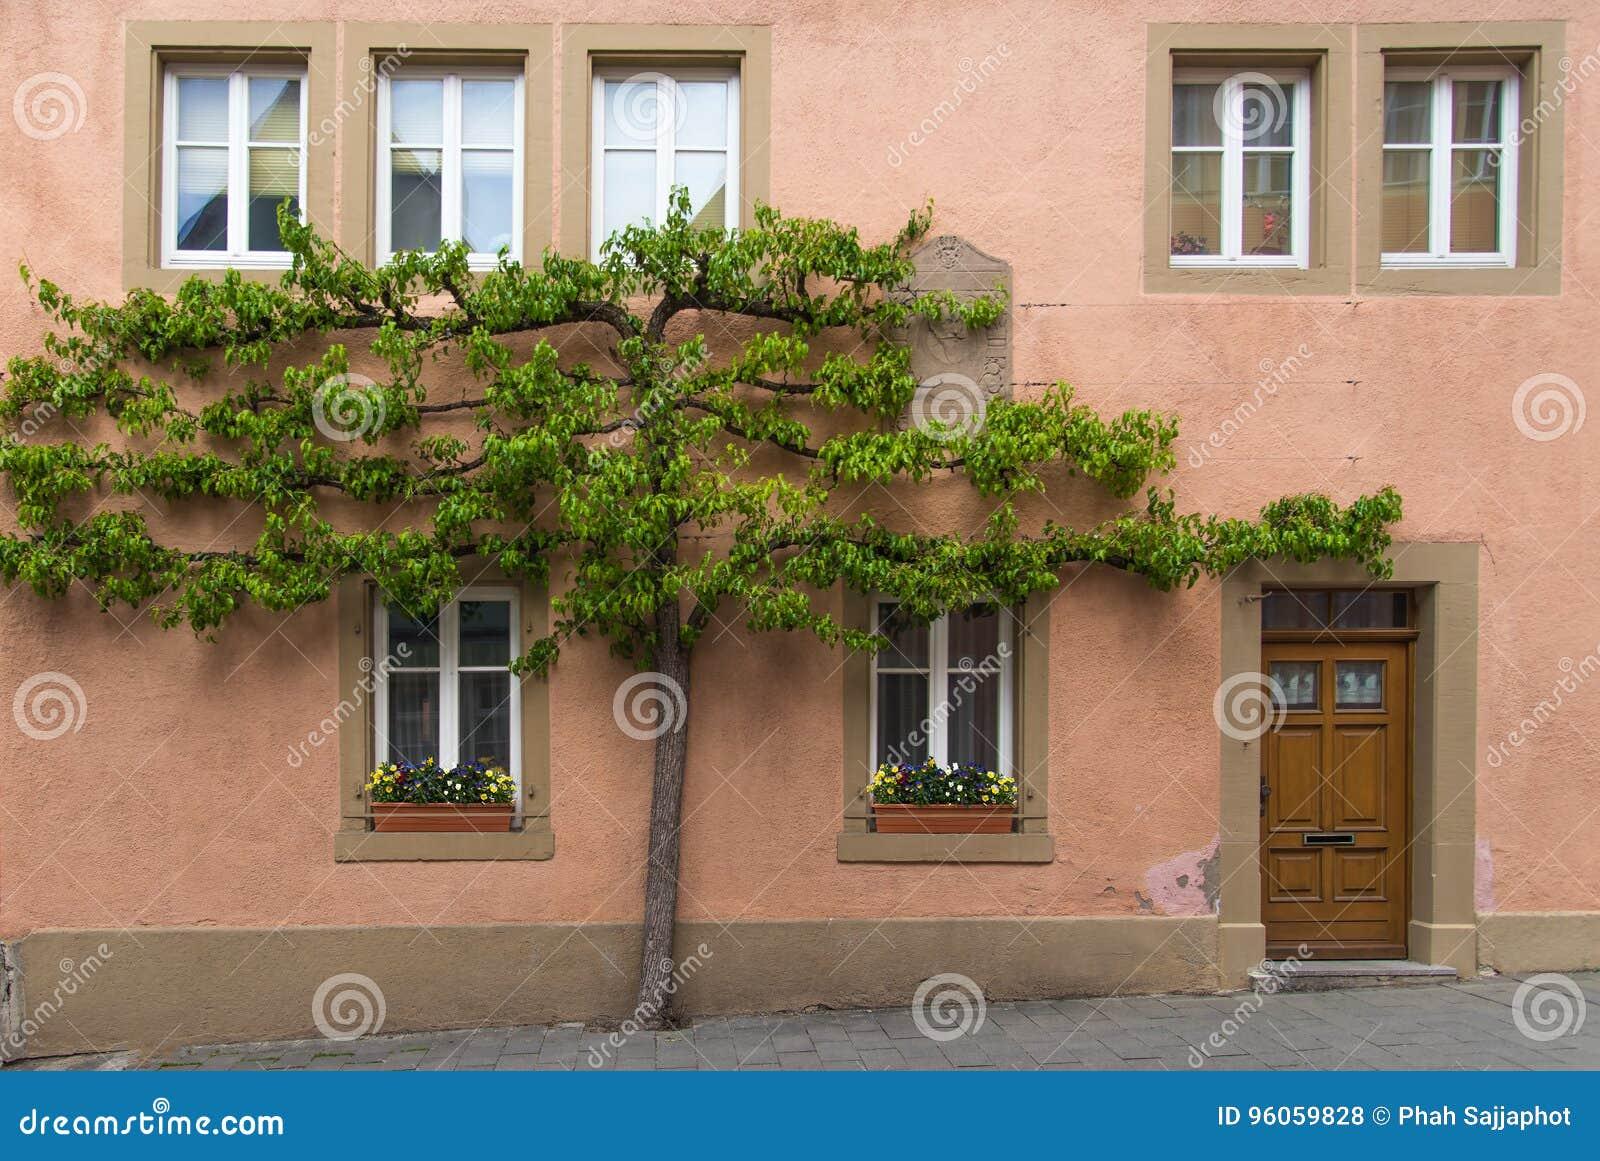 Arbre s élevant sur le mur avec la porte et des fenêtres en Europe